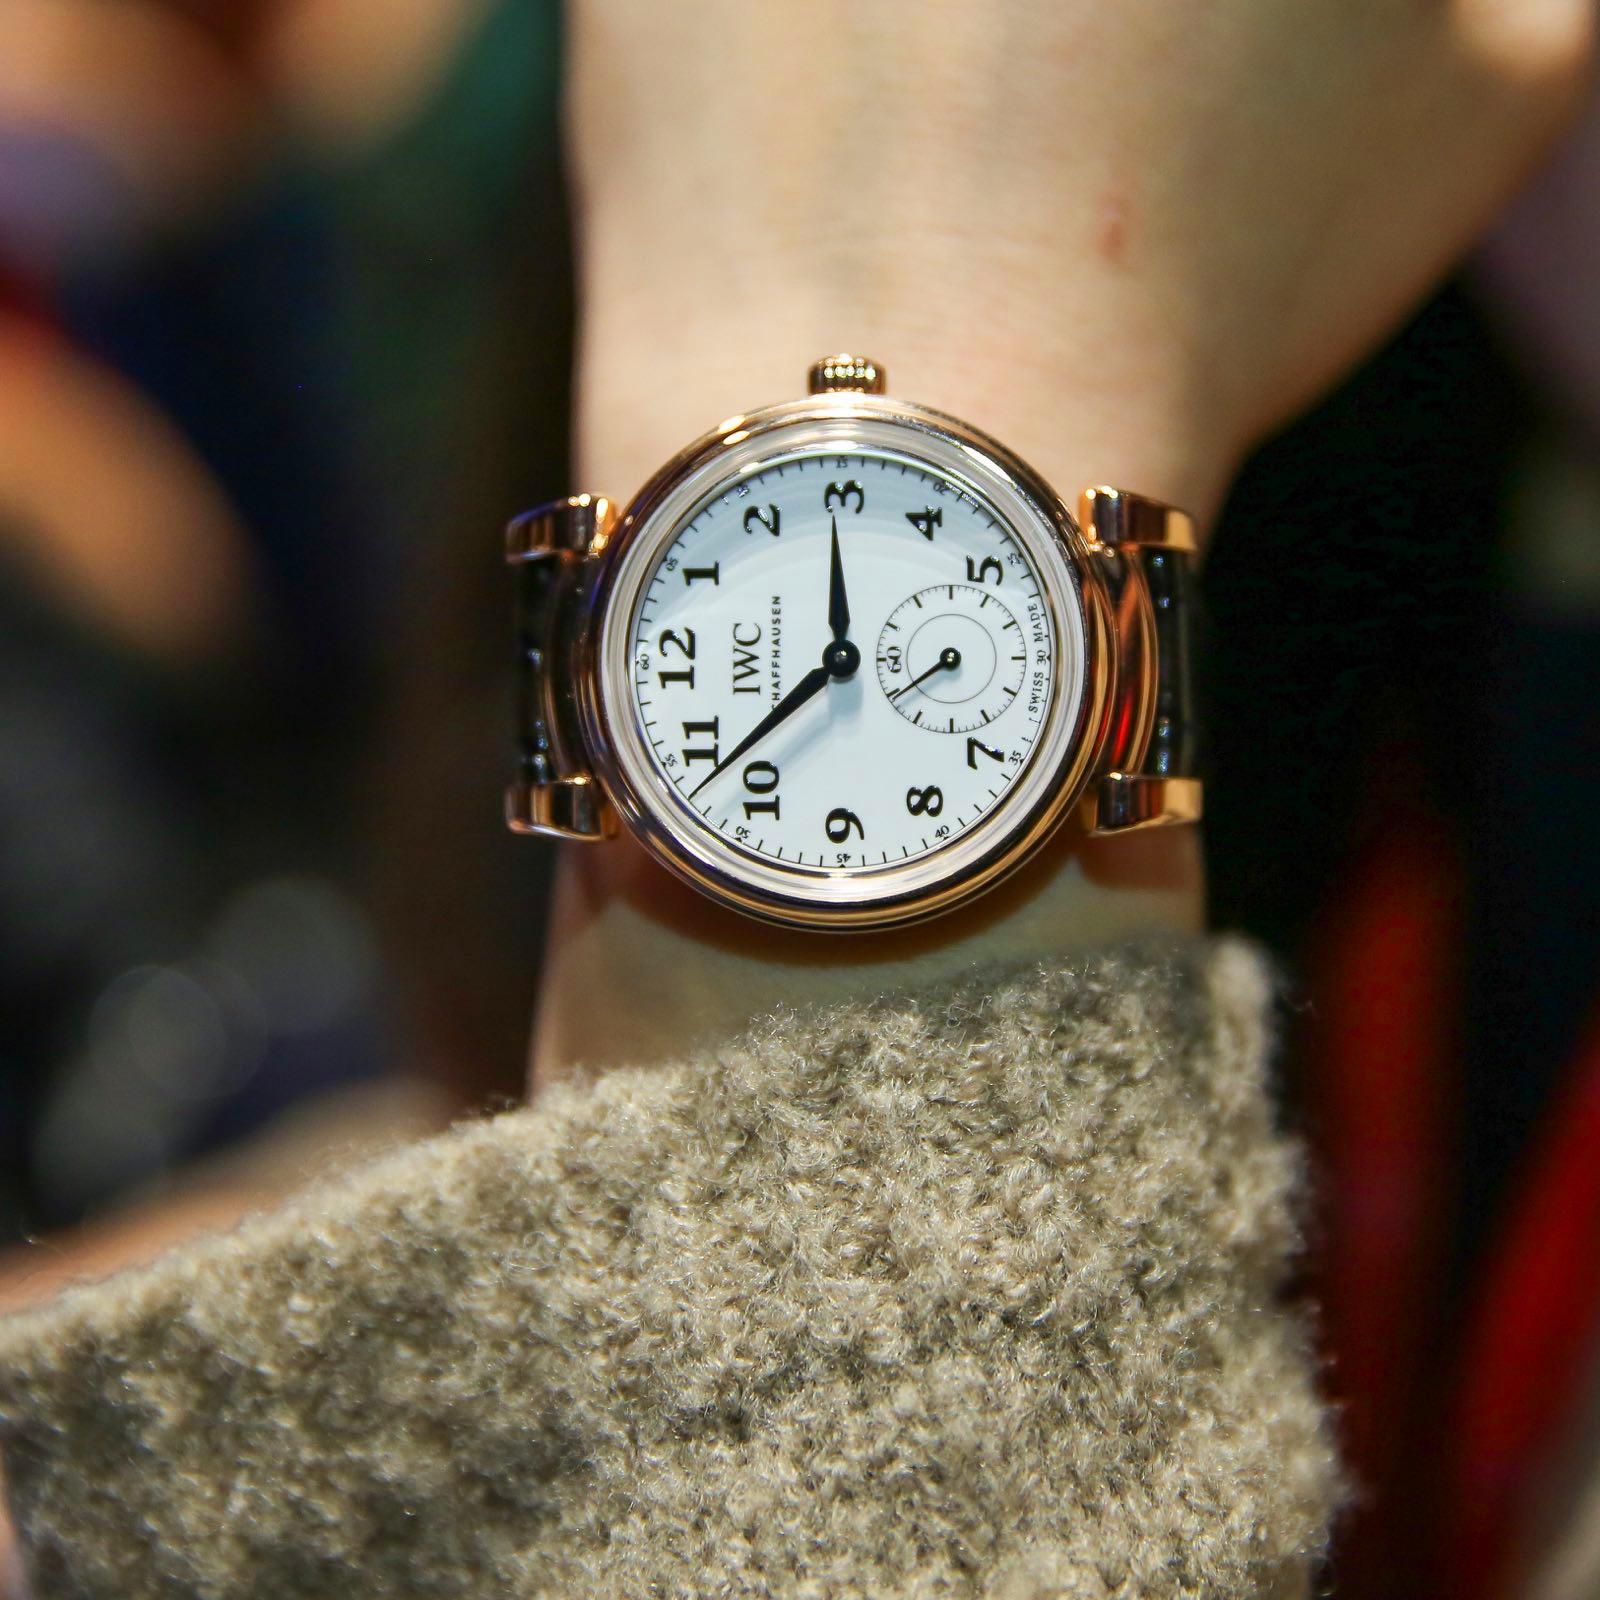 IWC万国表达文西系列150周年纪念女士腕表